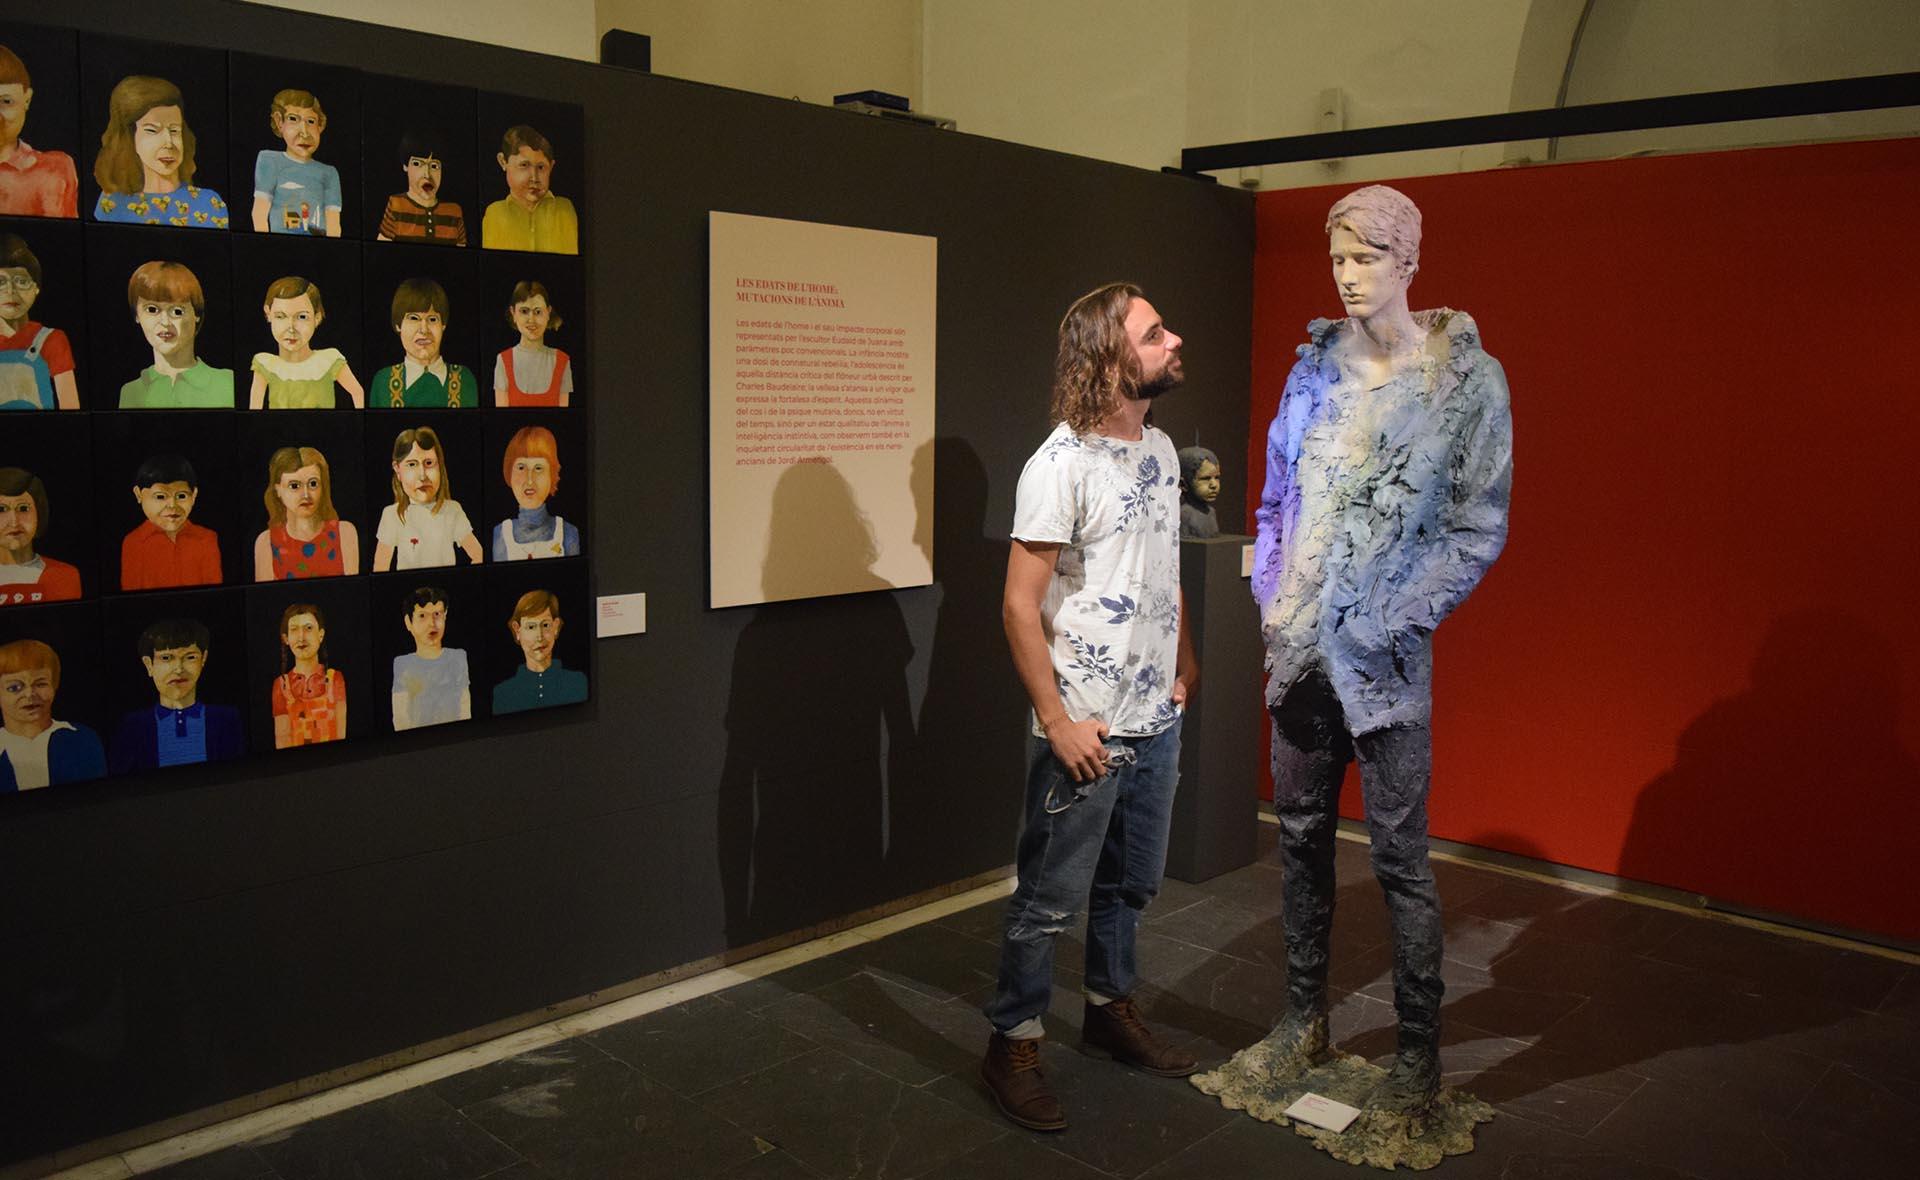 El Museu de la Garrotxa dedica una exposició a l'escultor Eudald de Juana